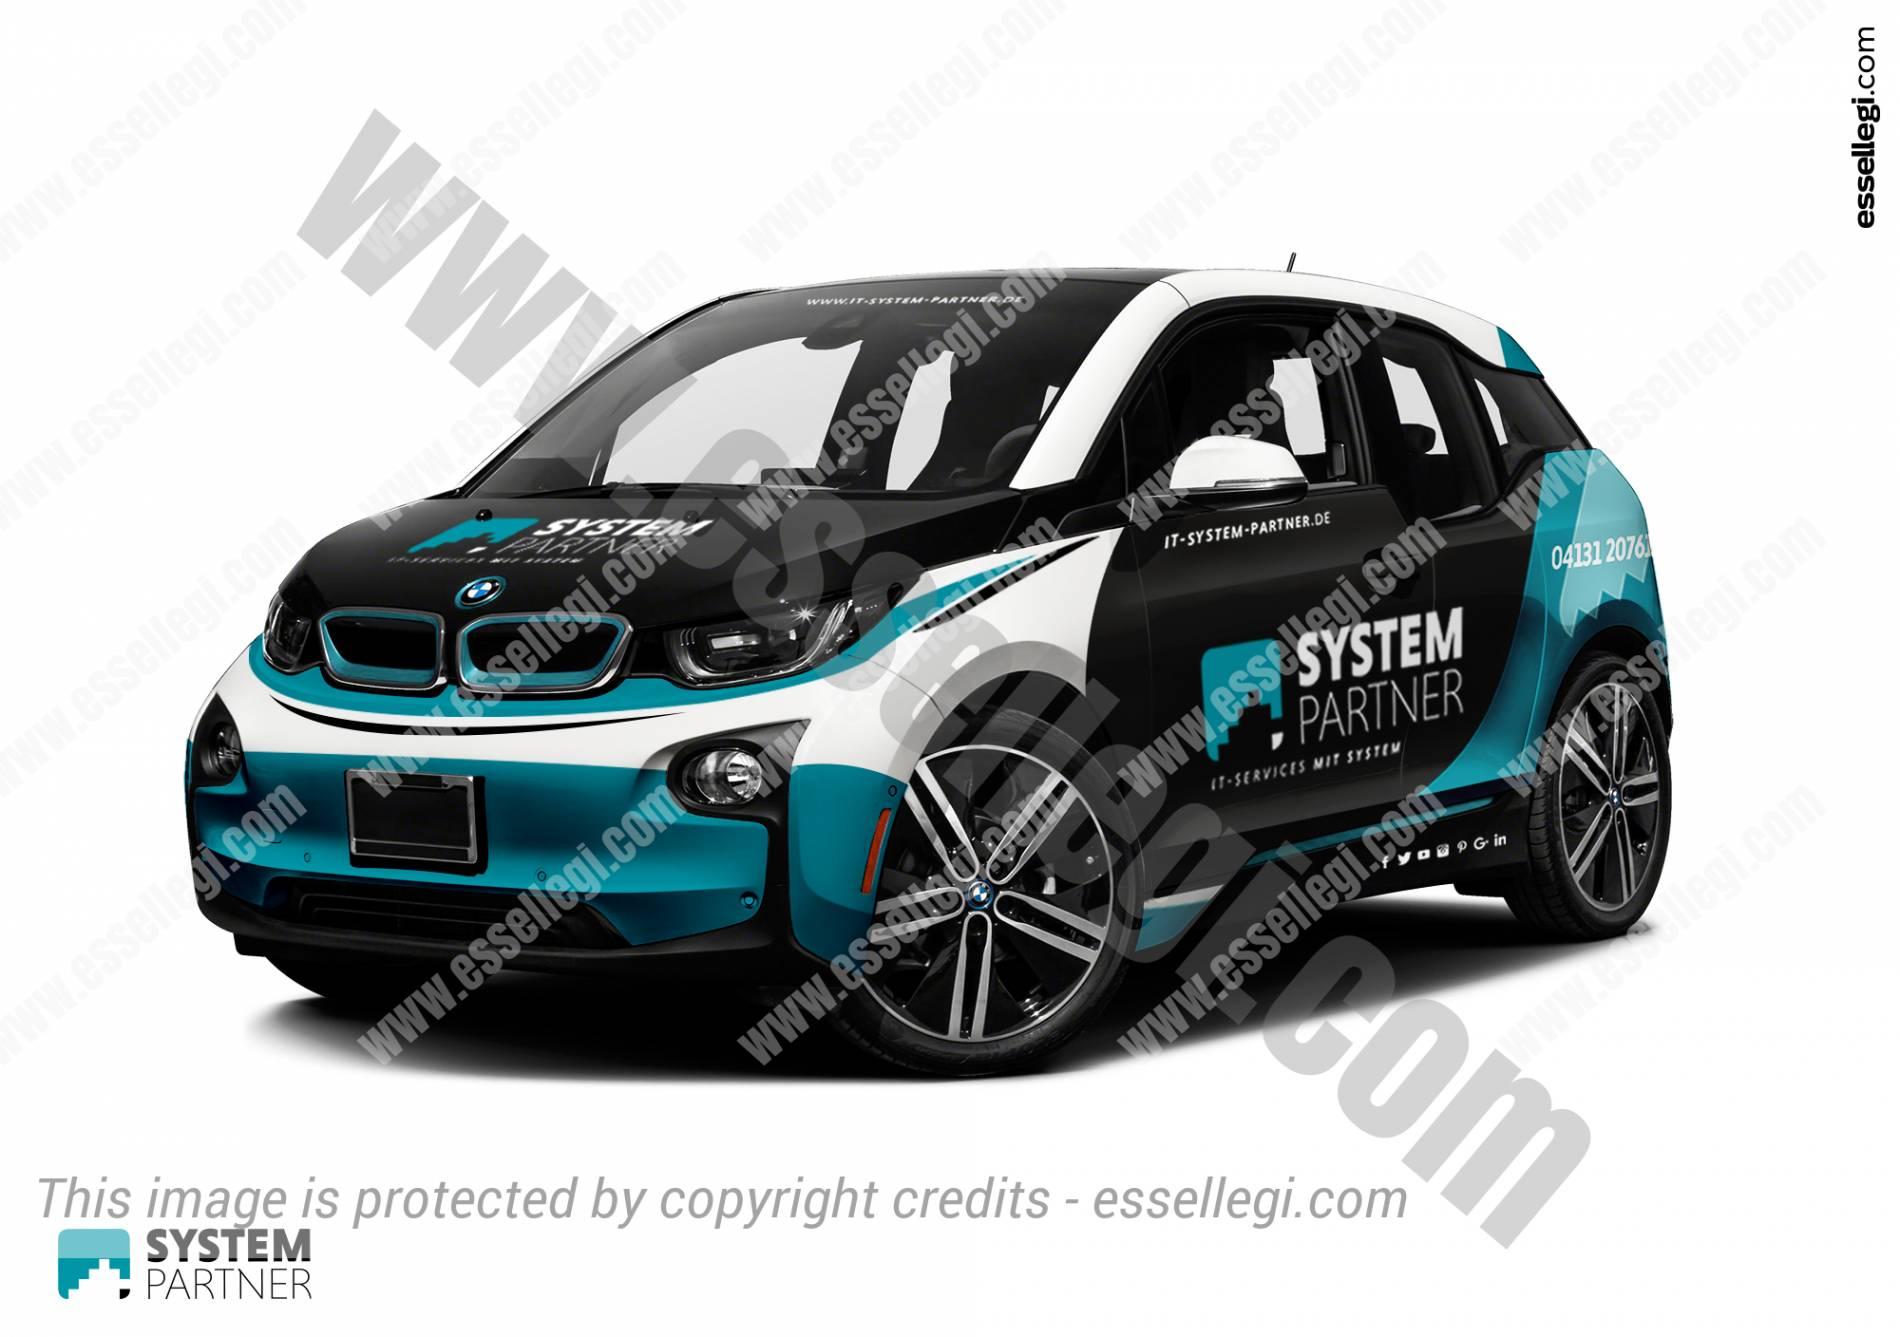 BMW I CAR WRAP DESIGN BY ESSELLEGI WRAP DESIGN - Car signage